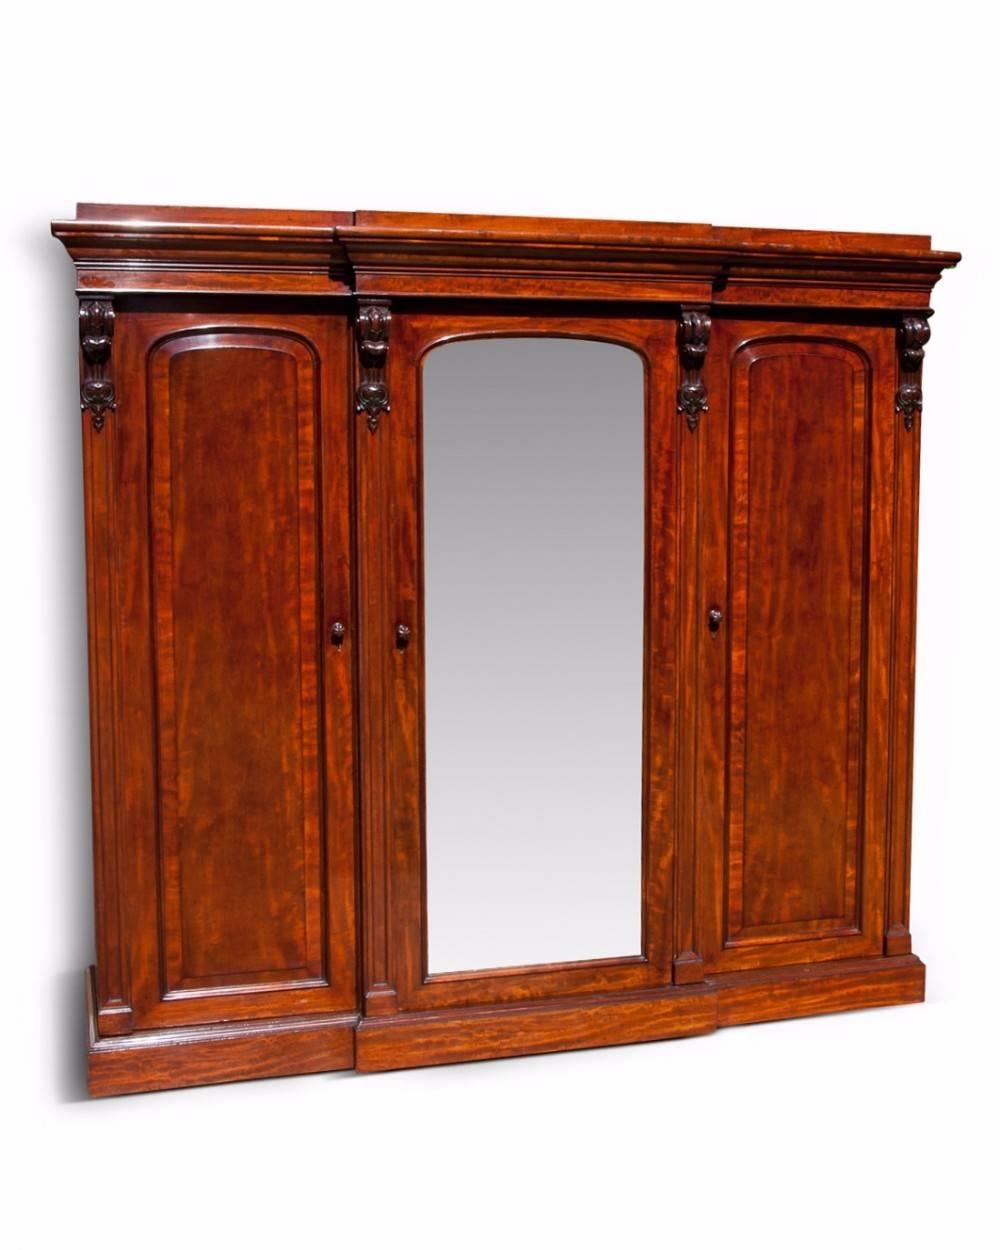 Fine Quality Victorian Mahogany Breakfront Wardrobe | 421778 in Victorian Breakfront Wardrobe (Image 2 of 30)